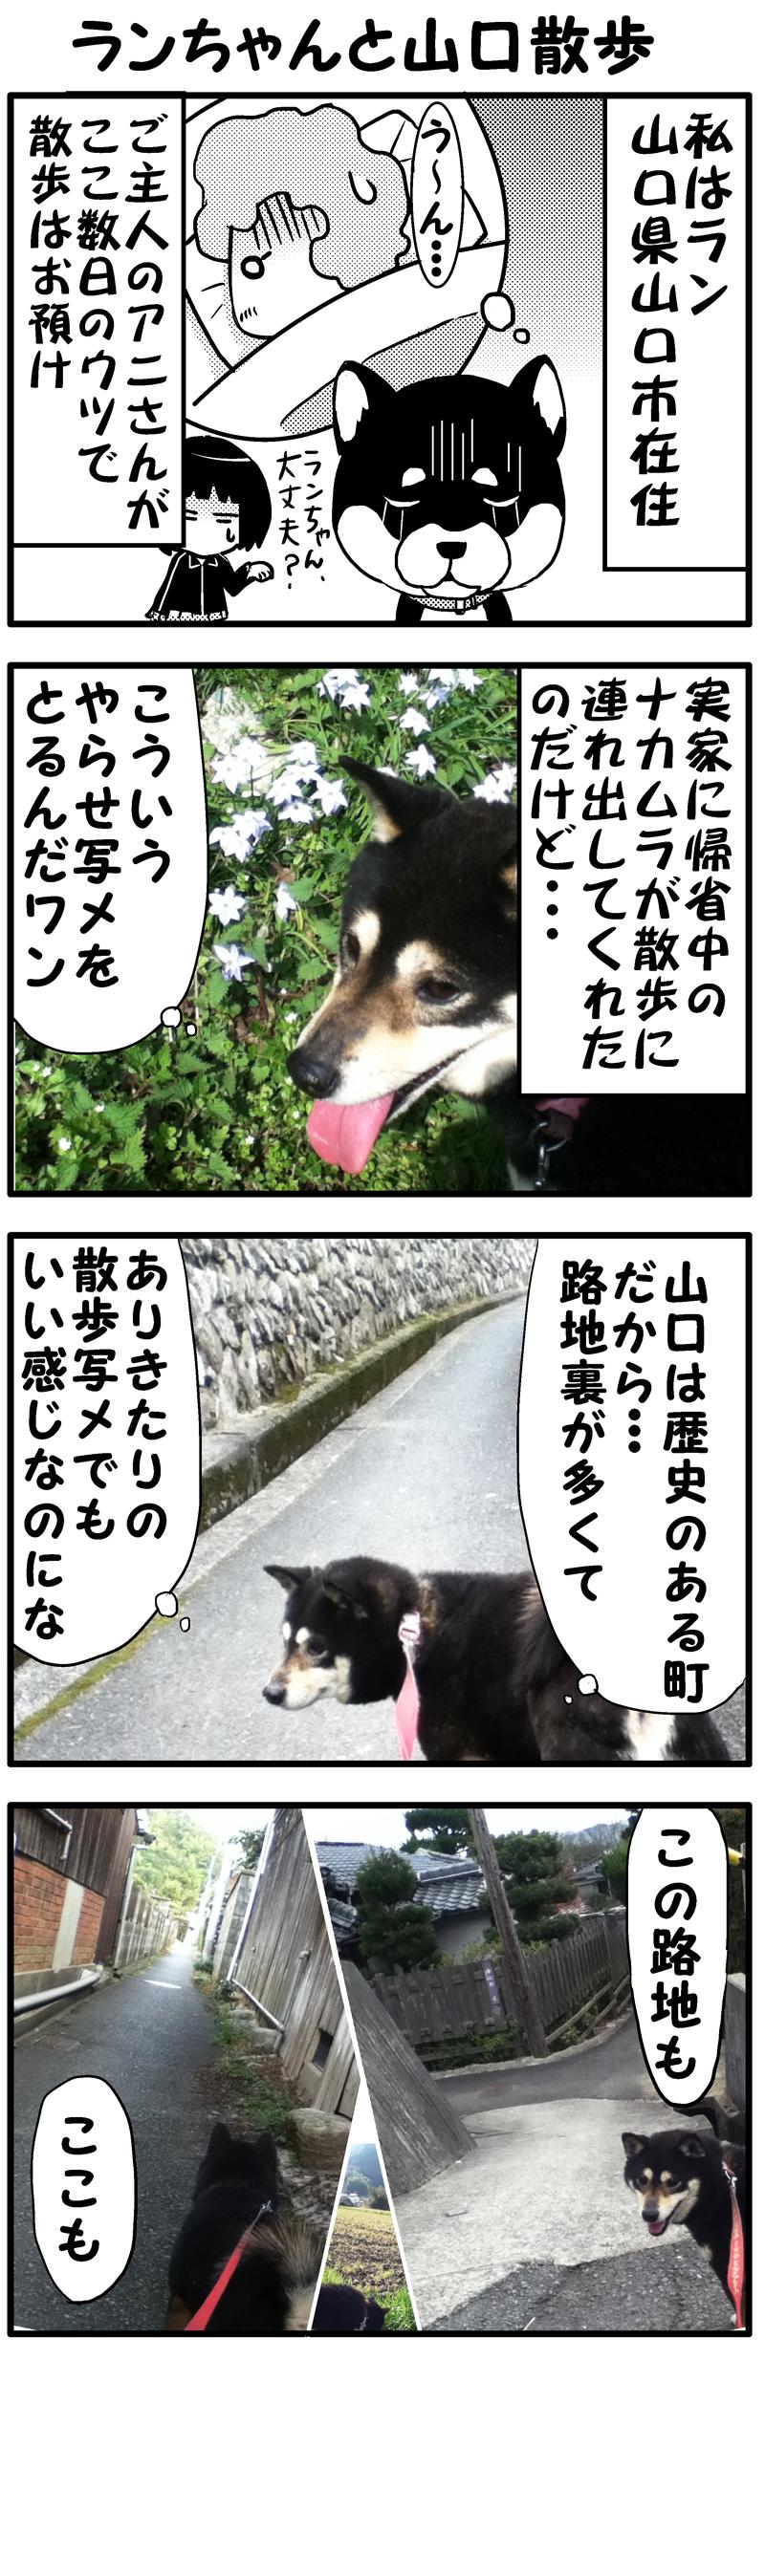 ランちゃんと山口散歩(前)